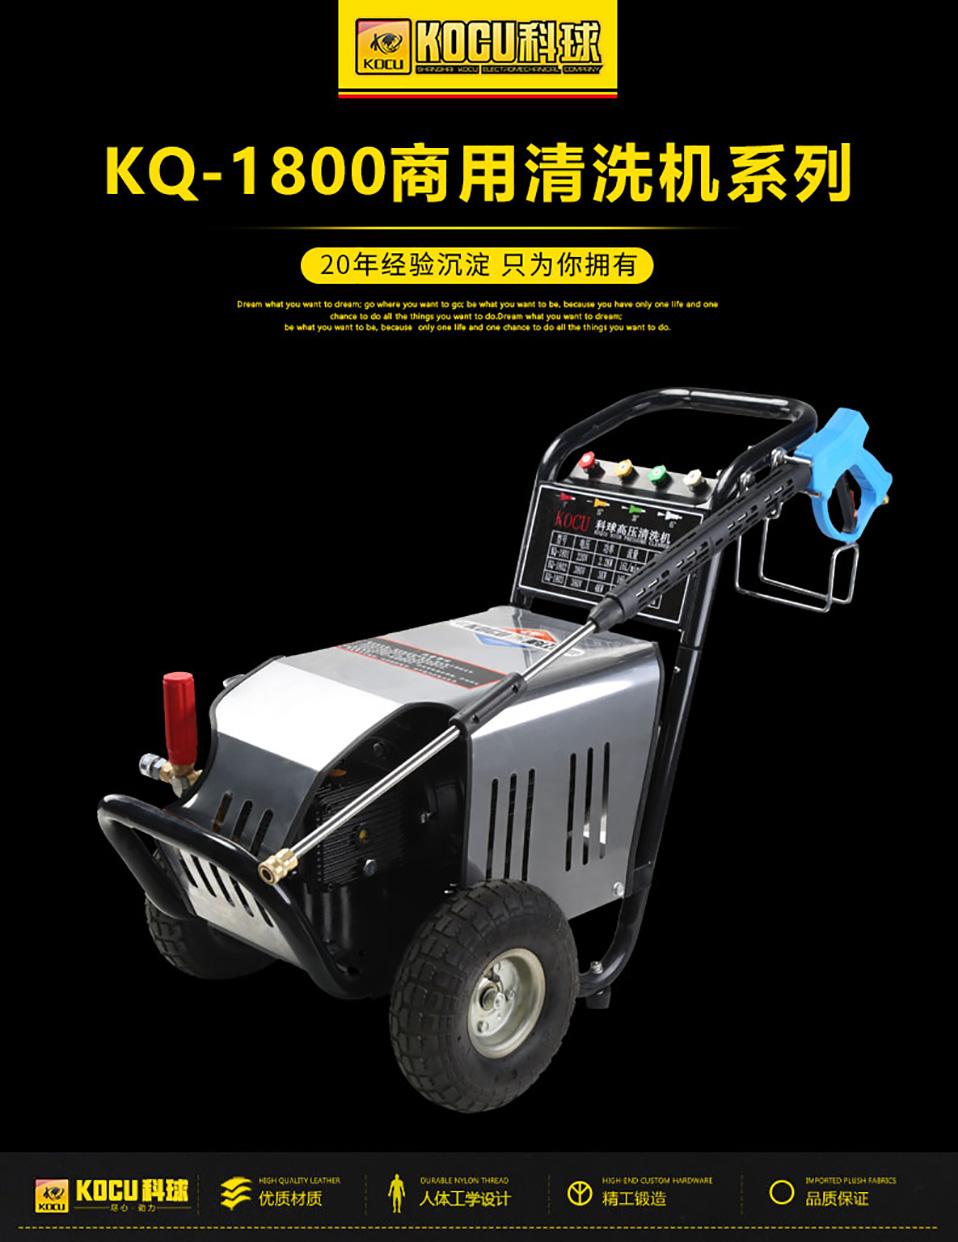 科球KQ-1800工业高压清洗机 汽车清洗机厂家